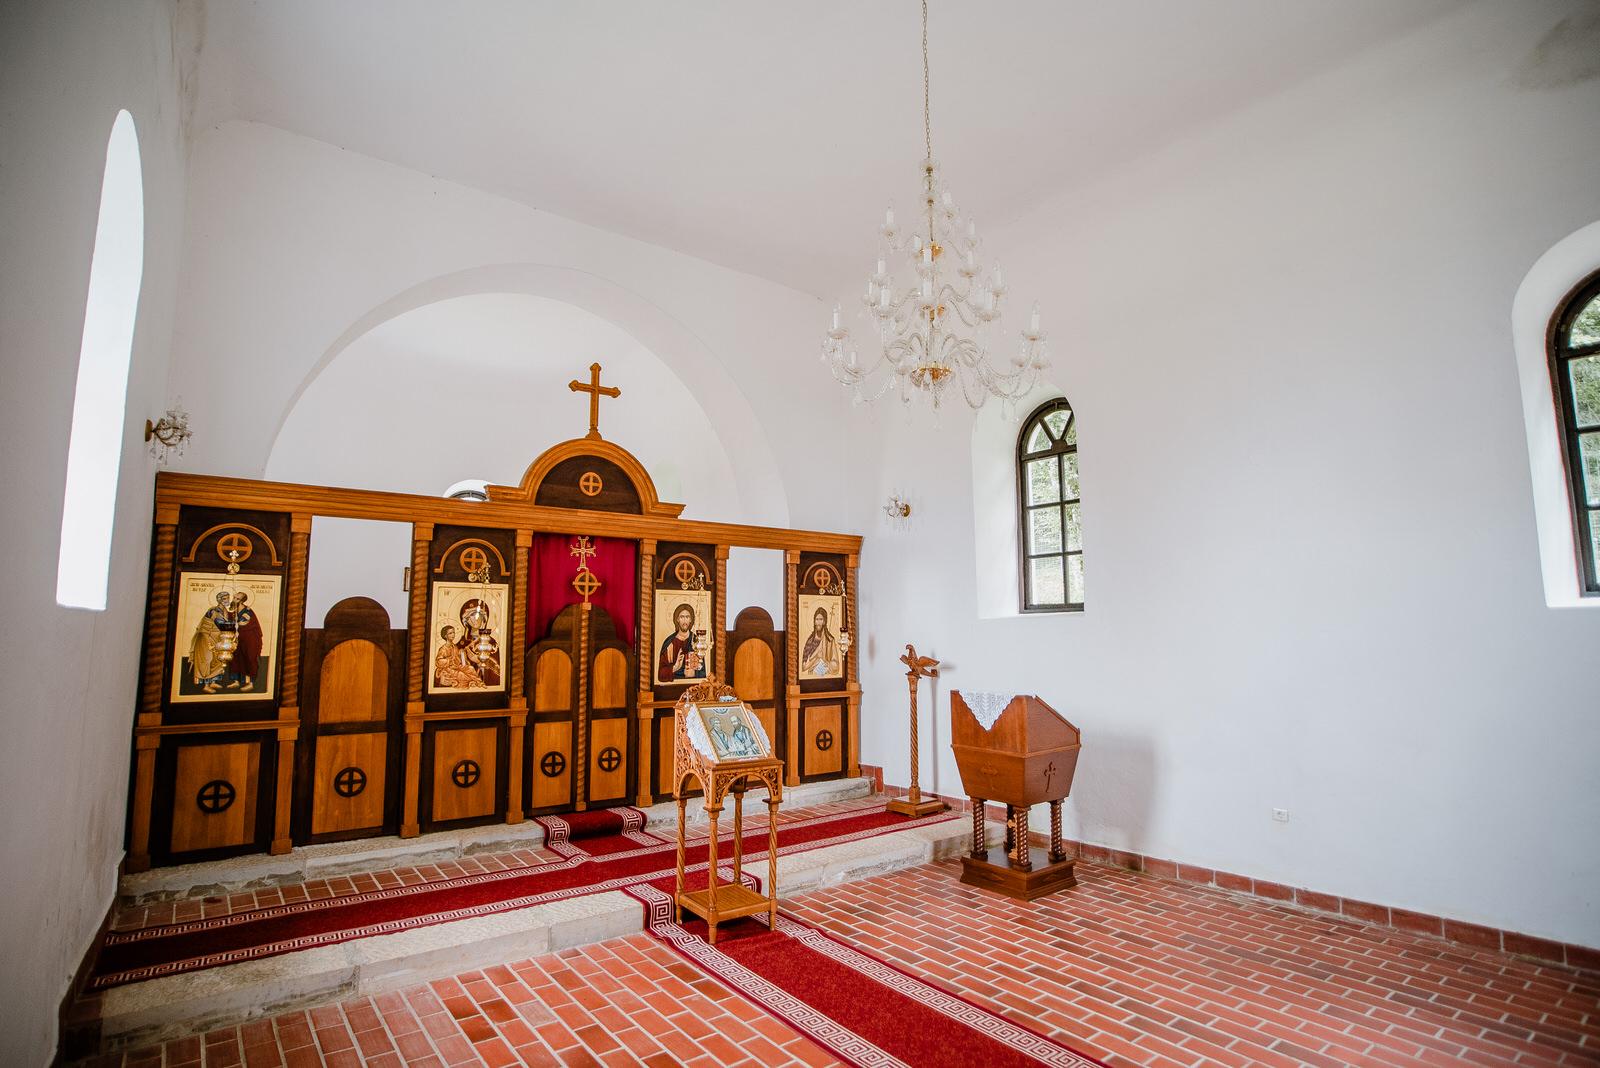 likaclub_smiljan_crkva-nikola-tesla_2019-9